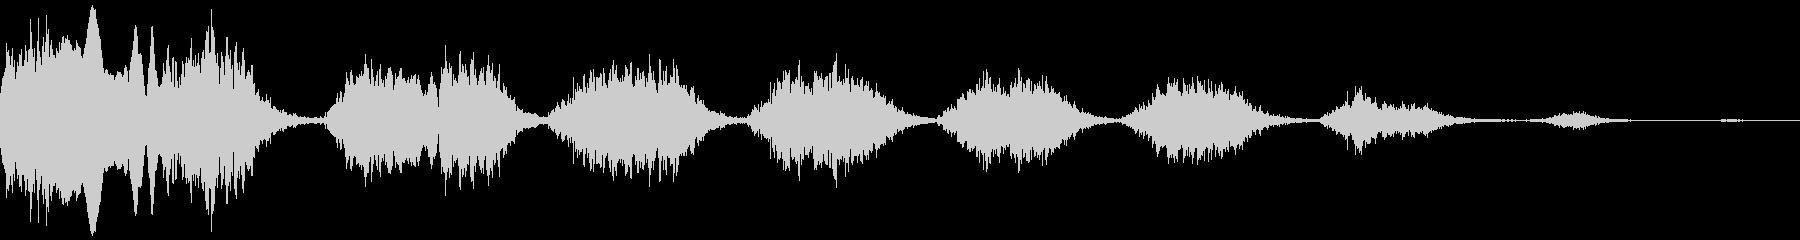 鳥の奇声の未再生の波形